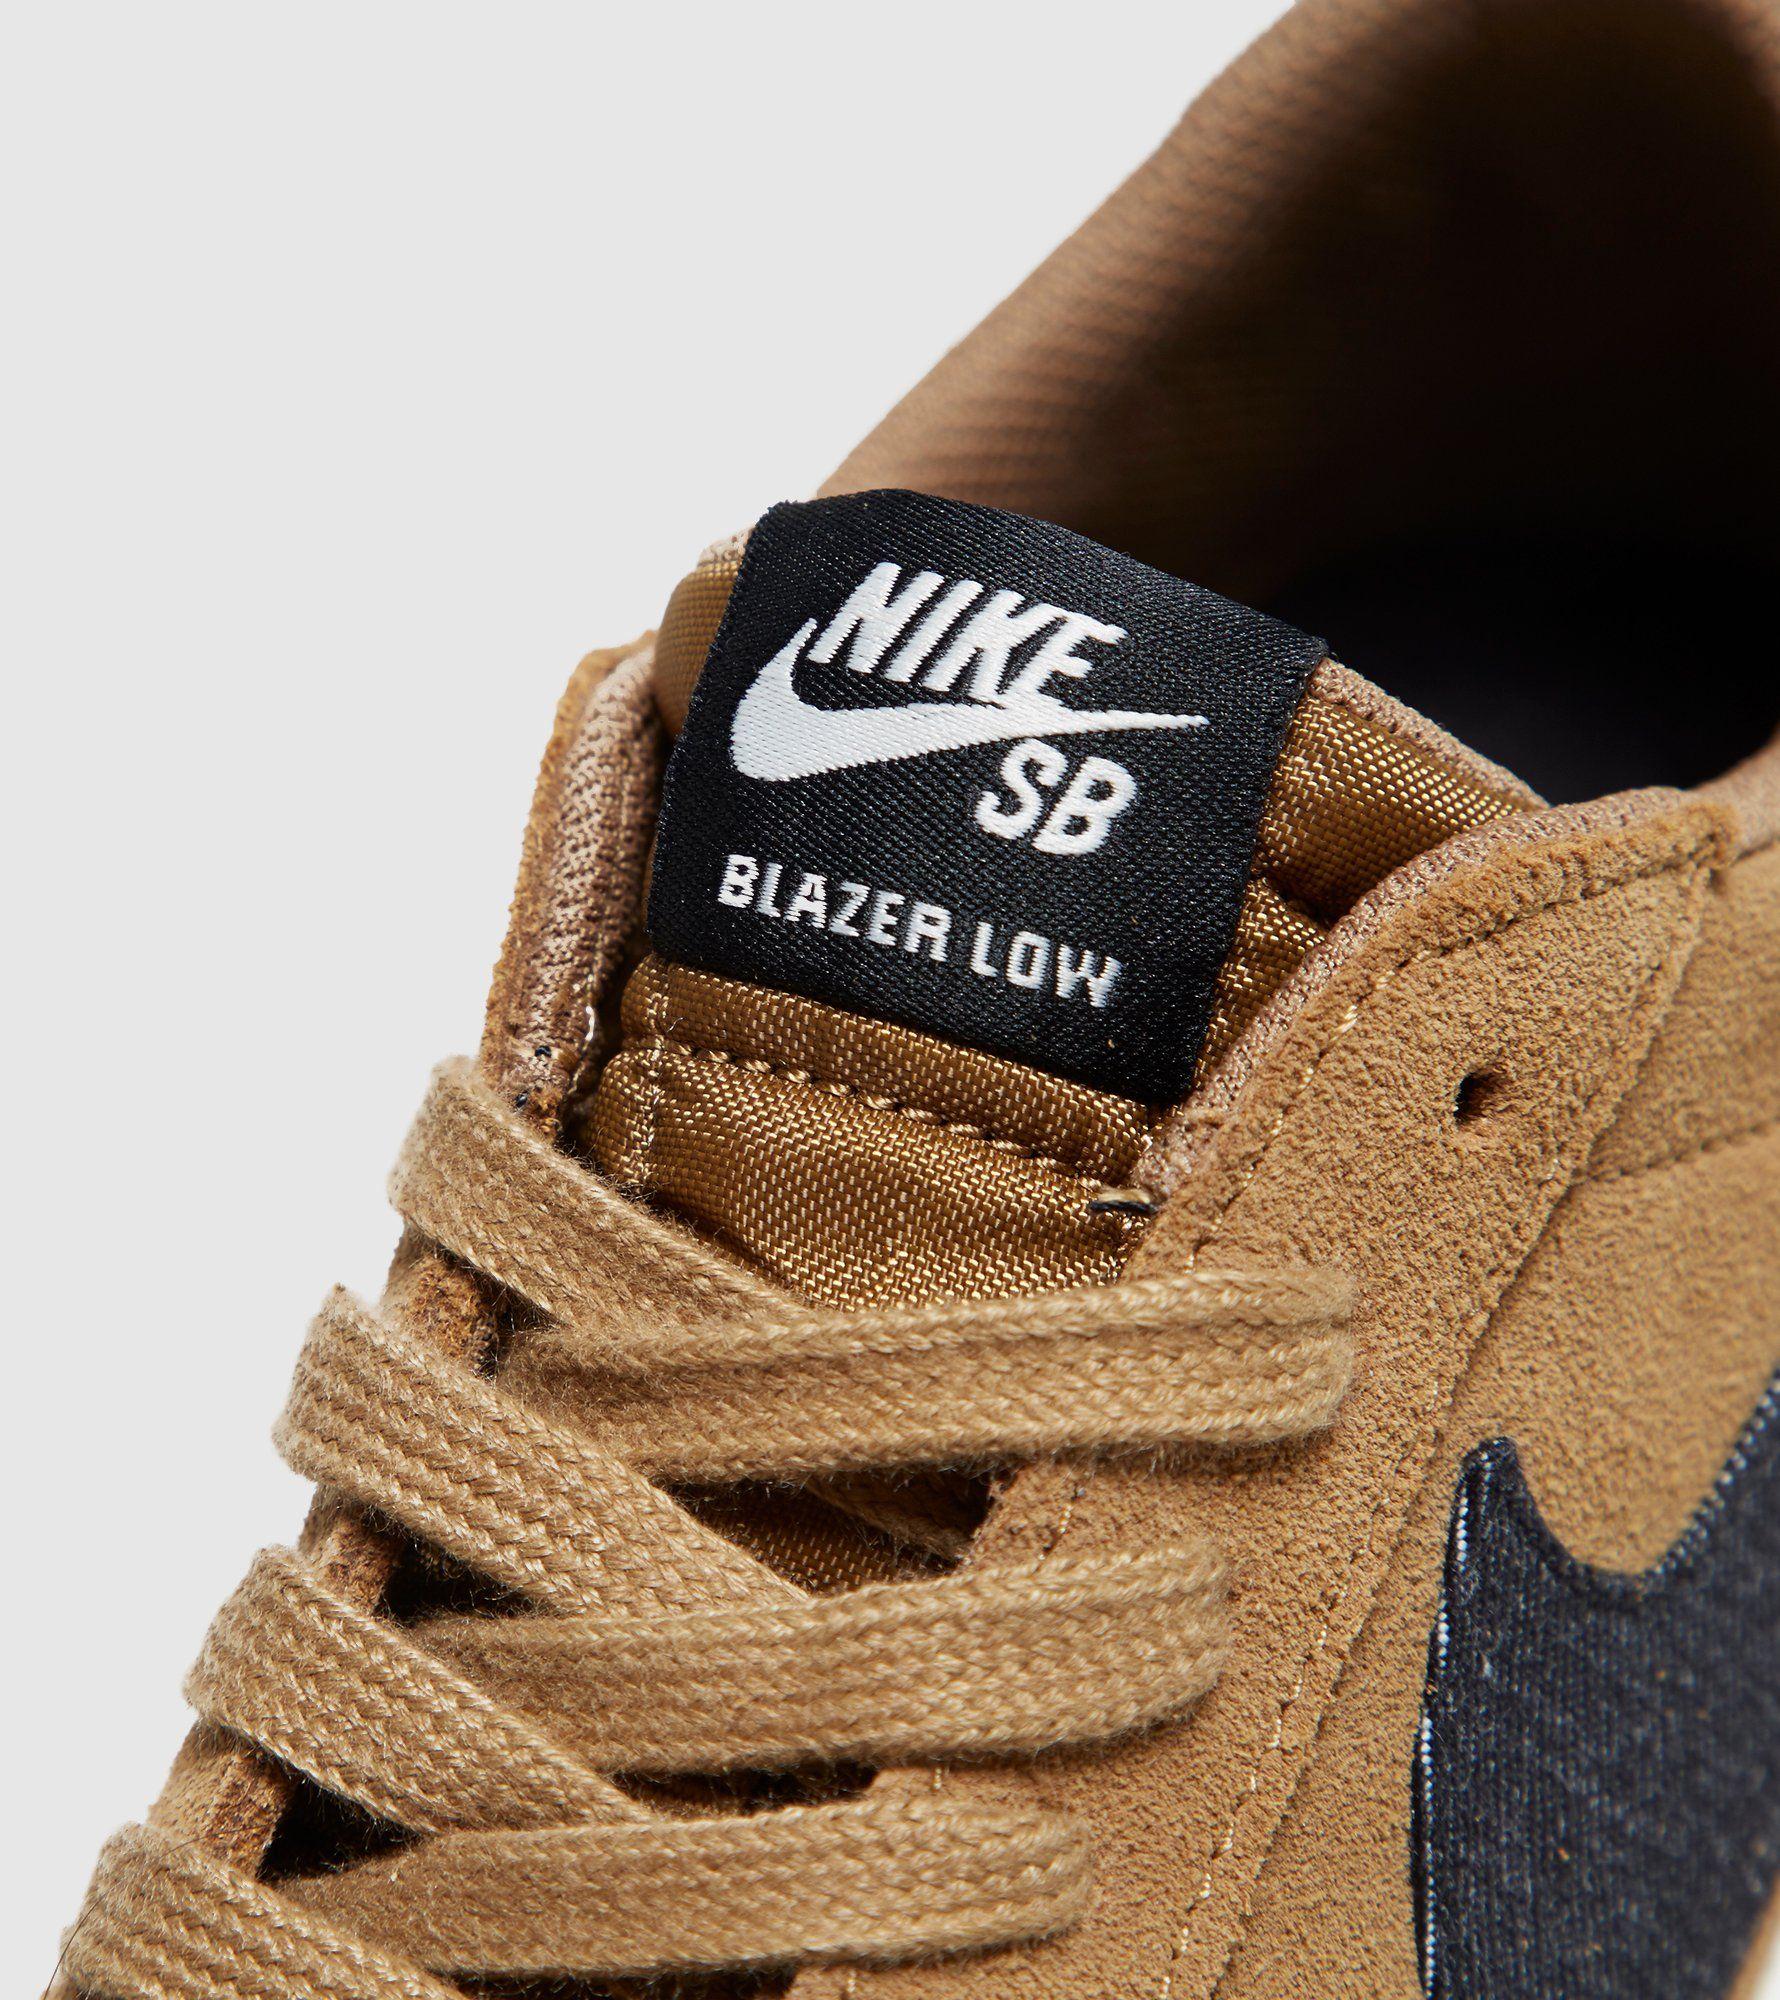 Nike SB Blazer Low